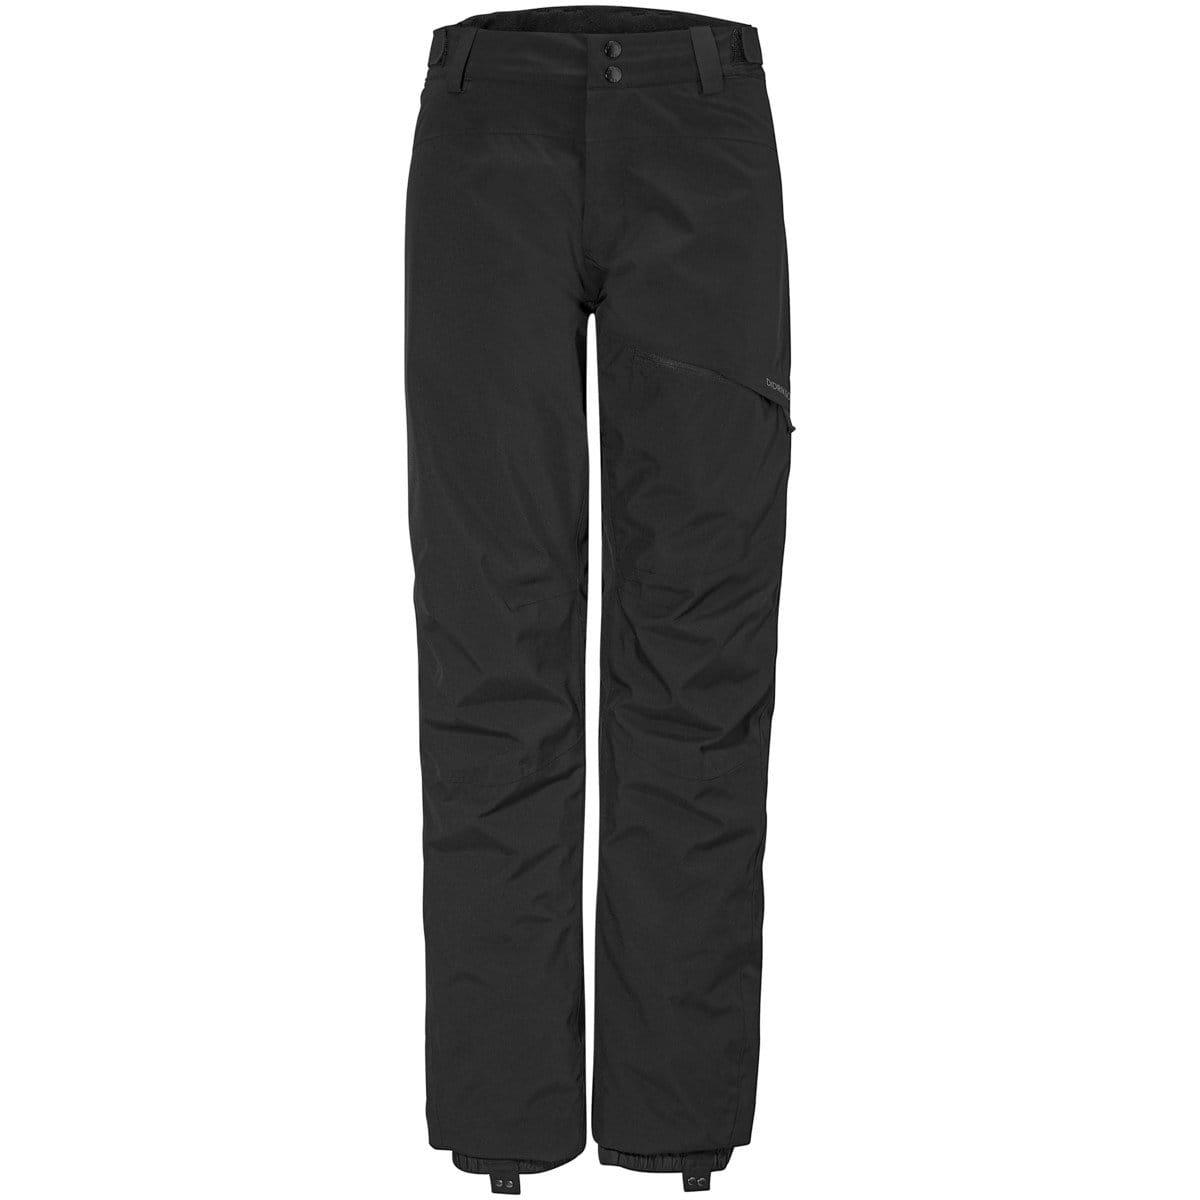 Kalhoty Didriksons W Kalhoty ALTA dámské černá